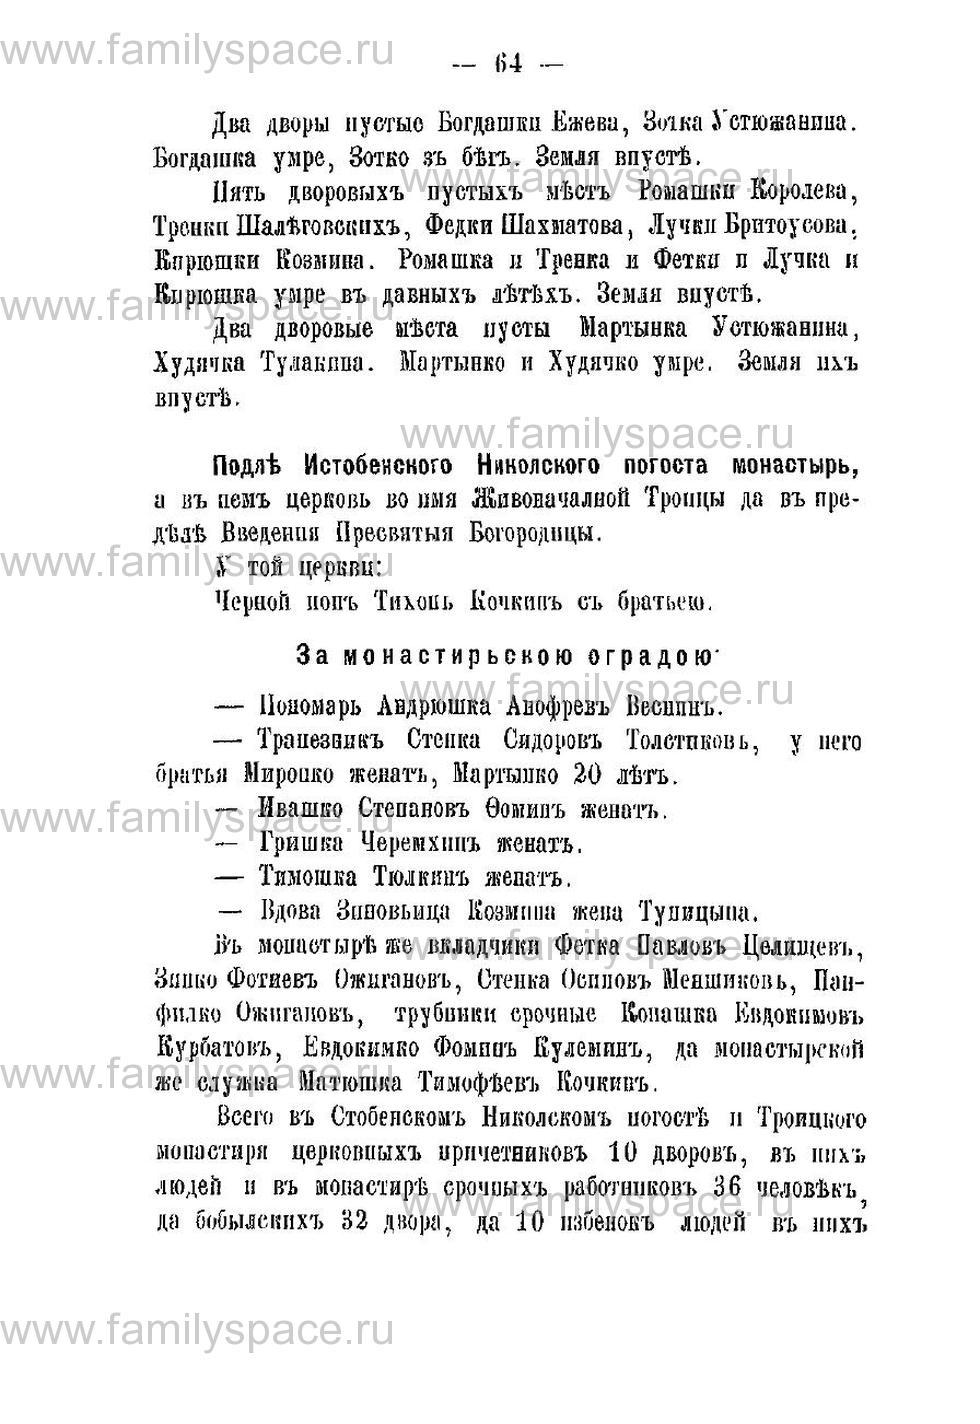 Поиск по фамилии - Переписная книга Орлова и волостей 1678 г, страница 60